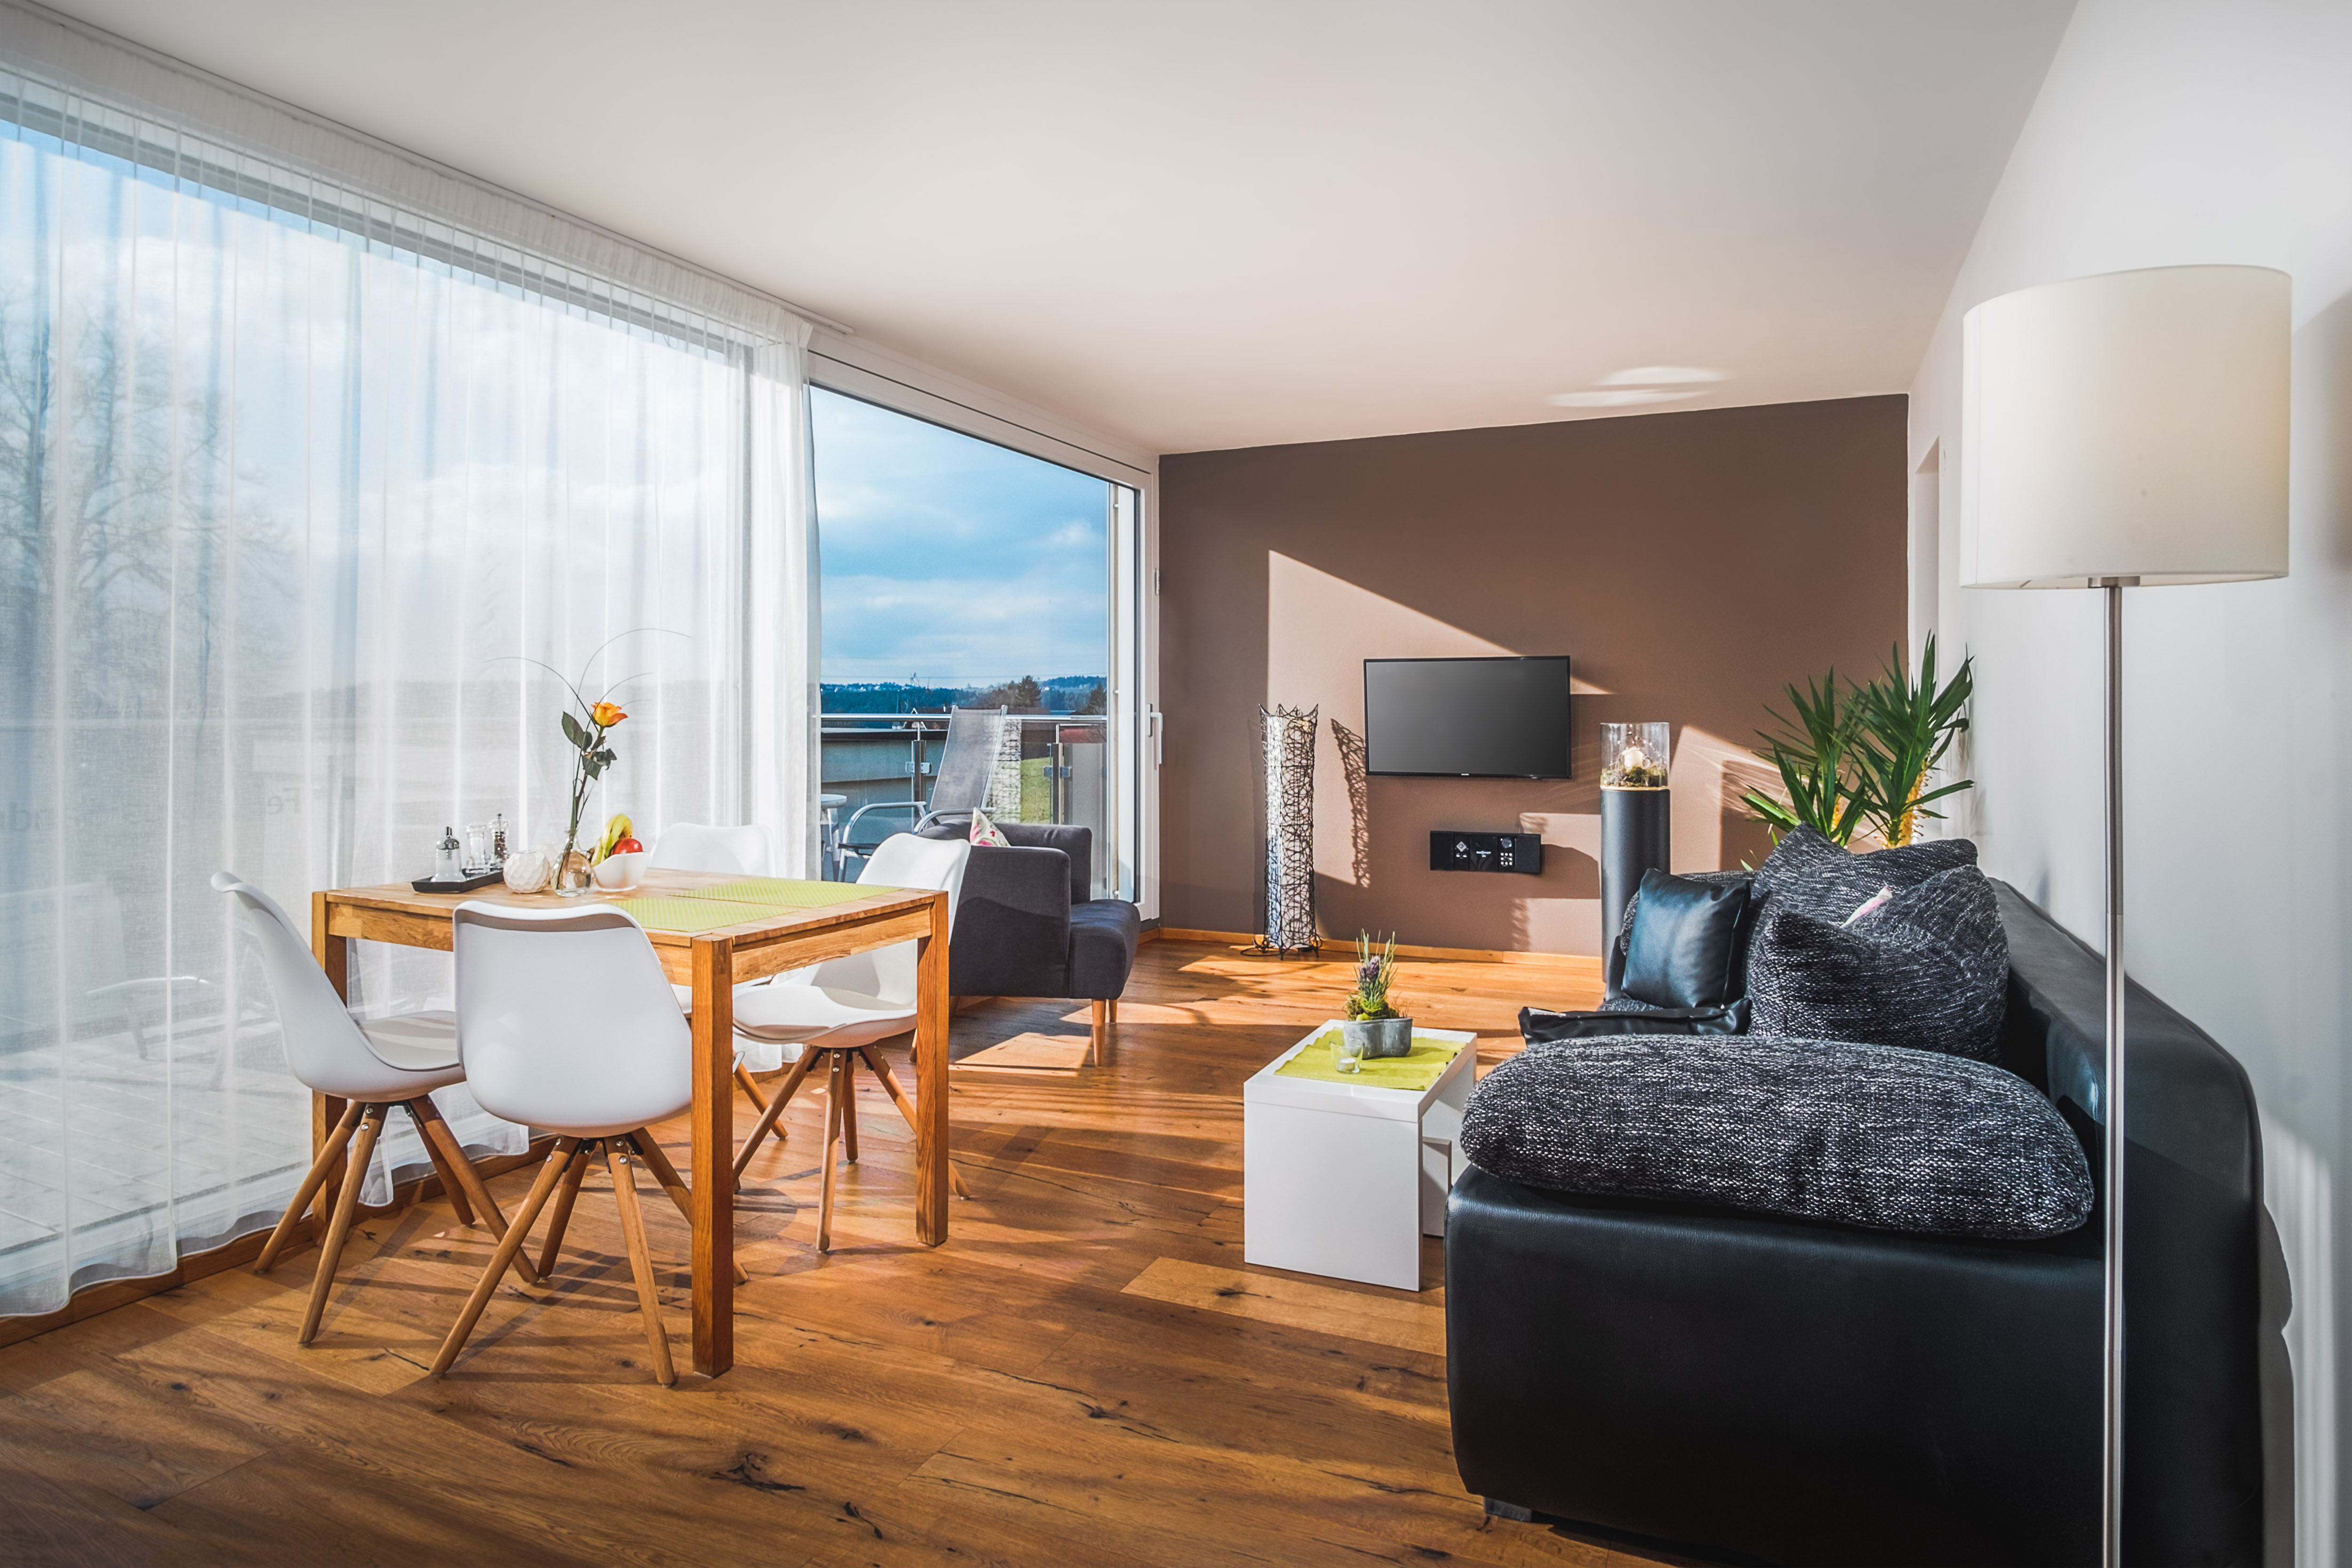 Appartement de vacances Sandra, (Hörbranz). Ferienwohnung Seeblick, 58qm, 1 Schlafzimmer, max. 4 Personen (2127338), Hörbranz, Bregenz, Vorarlberg, Autriche, image 14